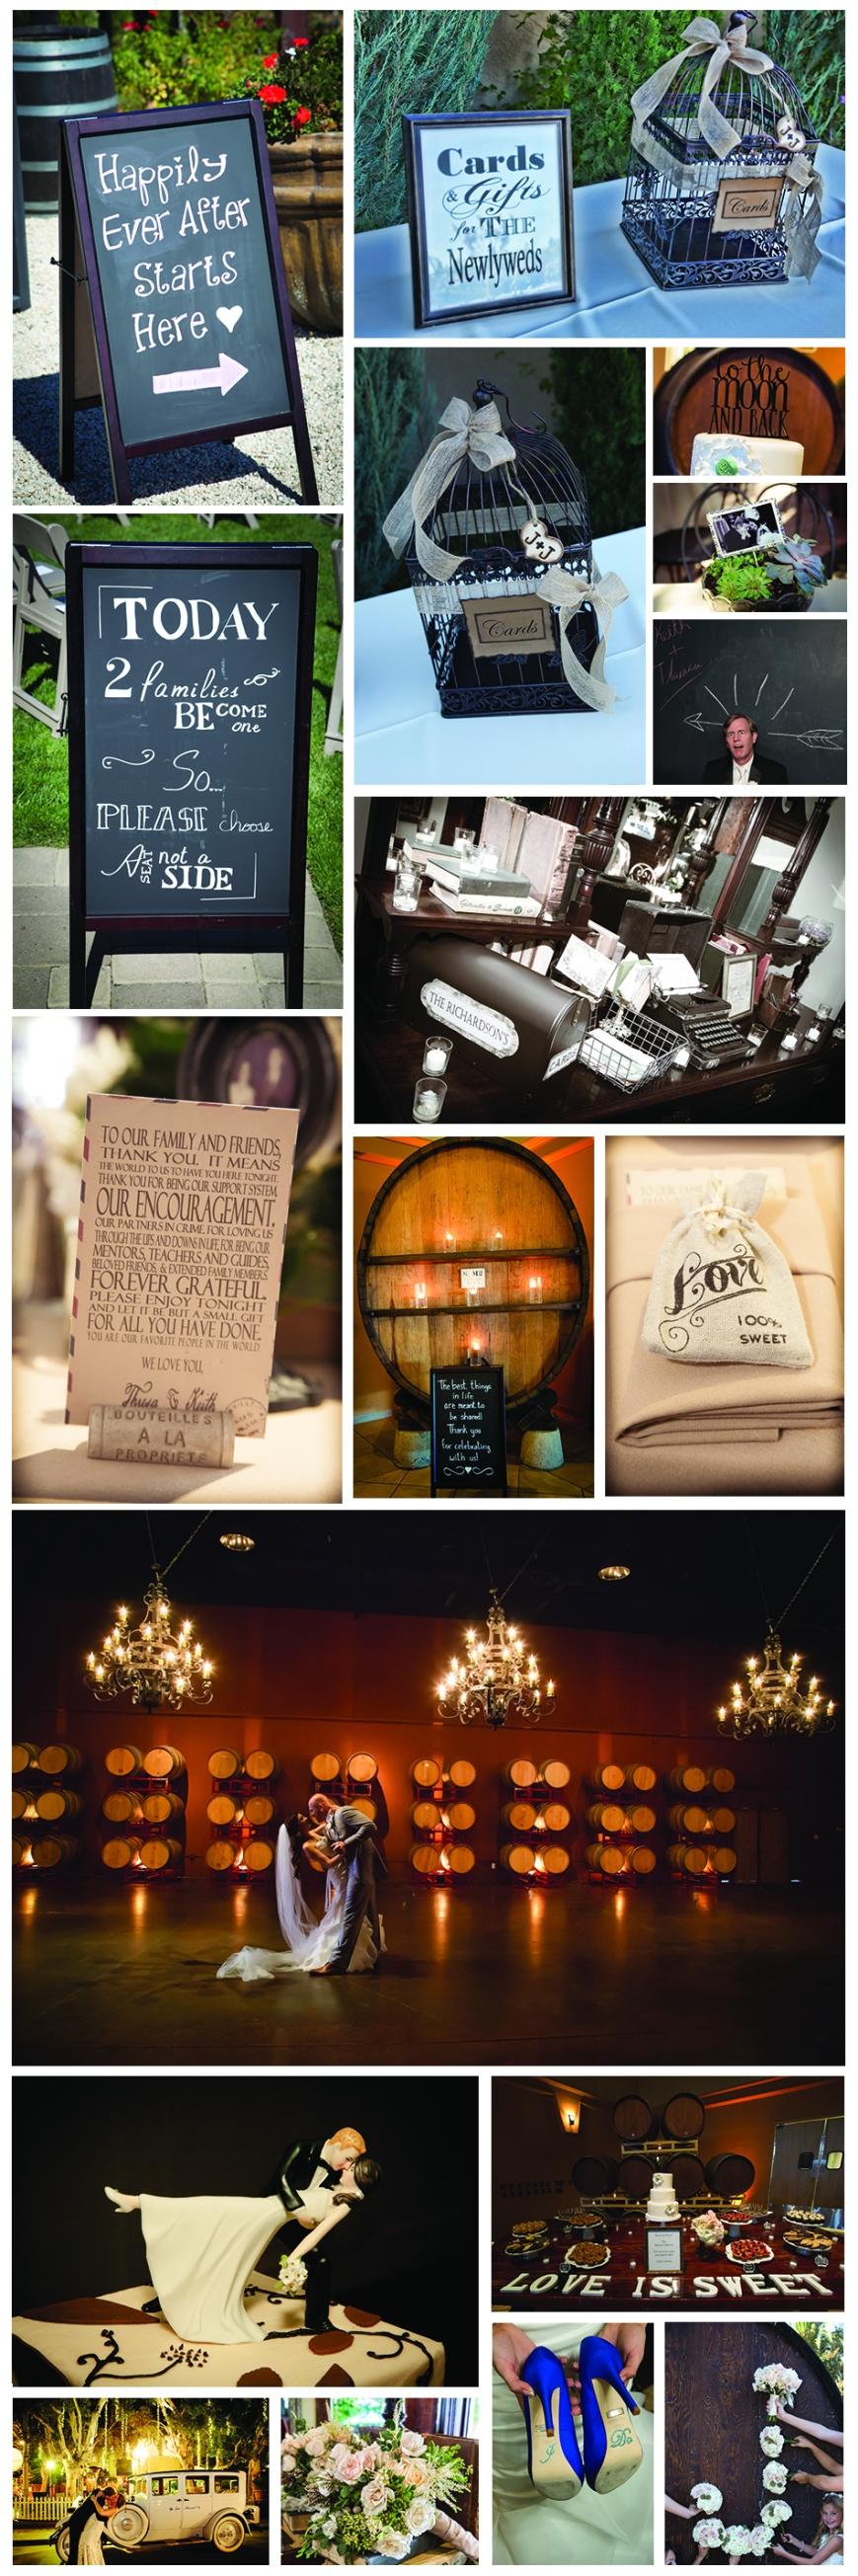 Wedding Details Collage